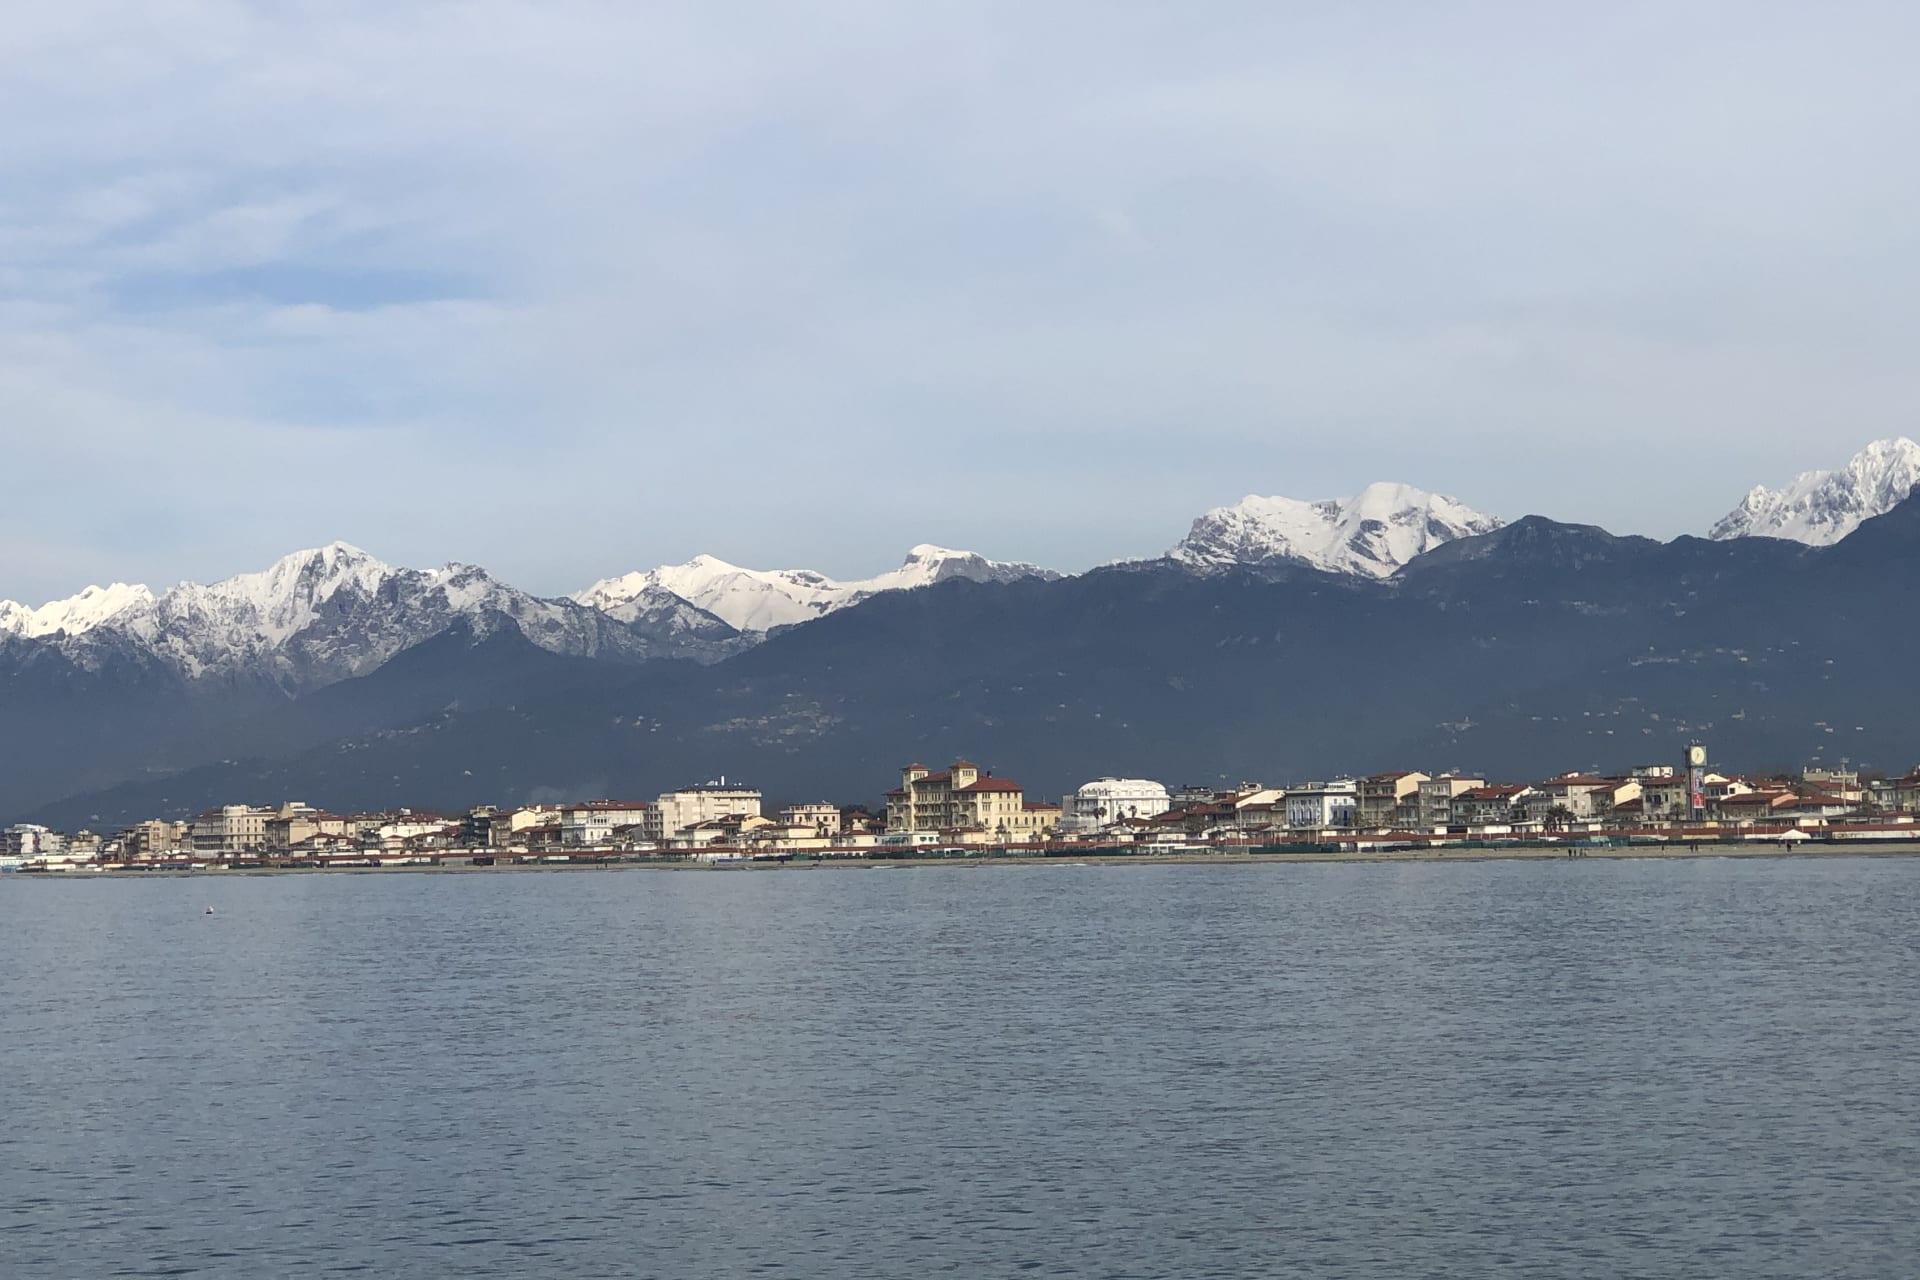 Viareggio e le Apuane in inverno